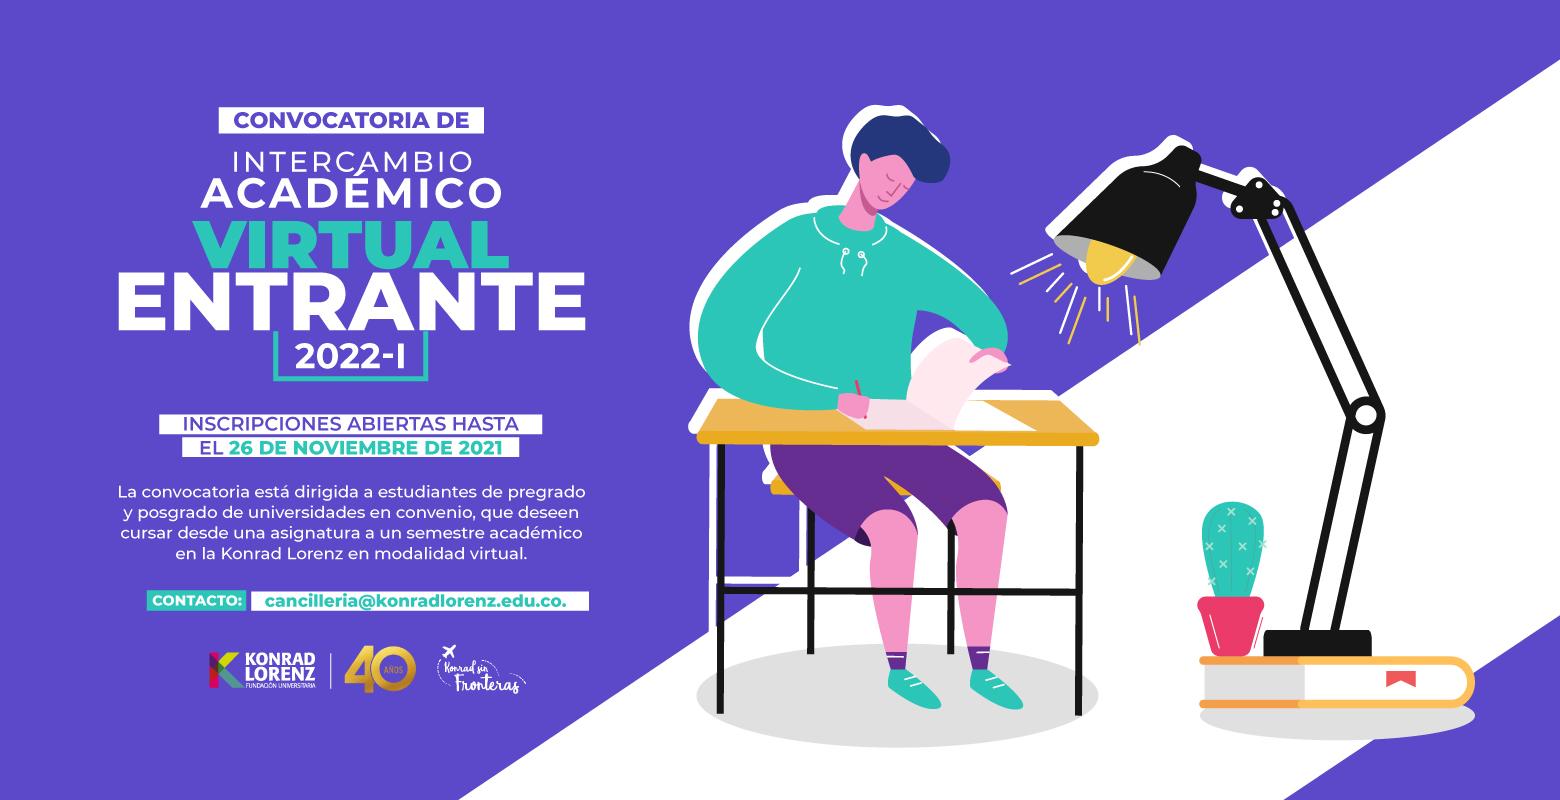 Convocatoria de Intercambio Académico Virtual Entrante 2022-I